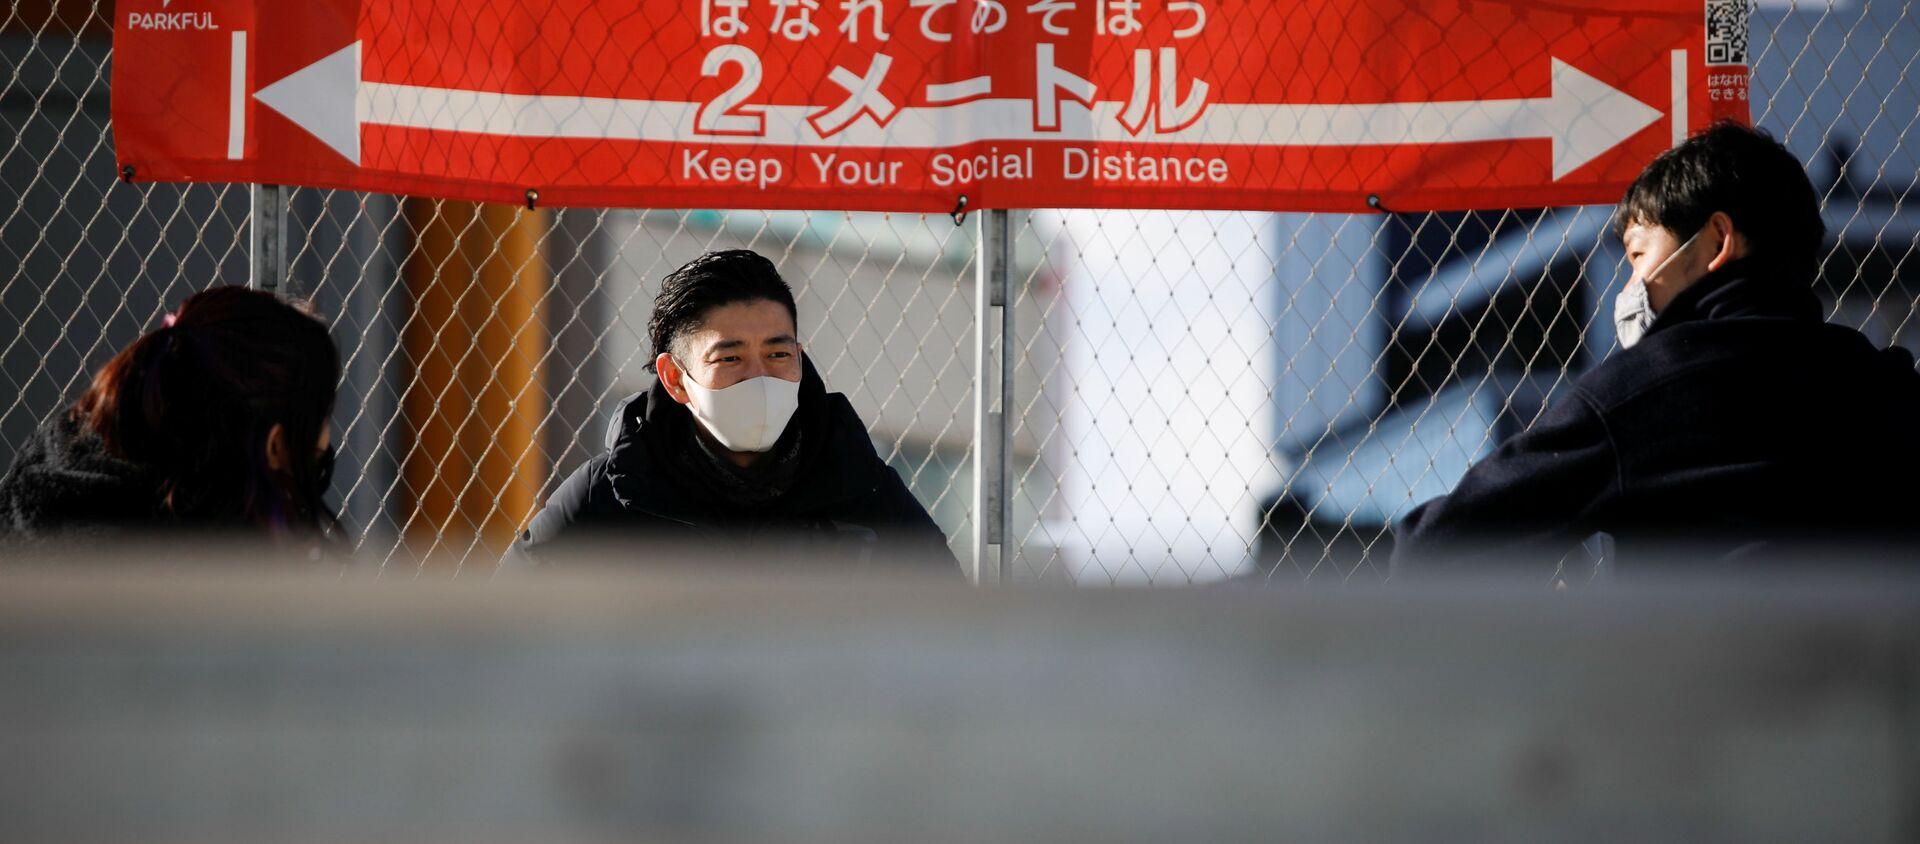 Люди в масках на фоне плаката о необходимости соблюдения социальной дистанции в Токио - Sputnik 日本, 1920, 16.01.2021